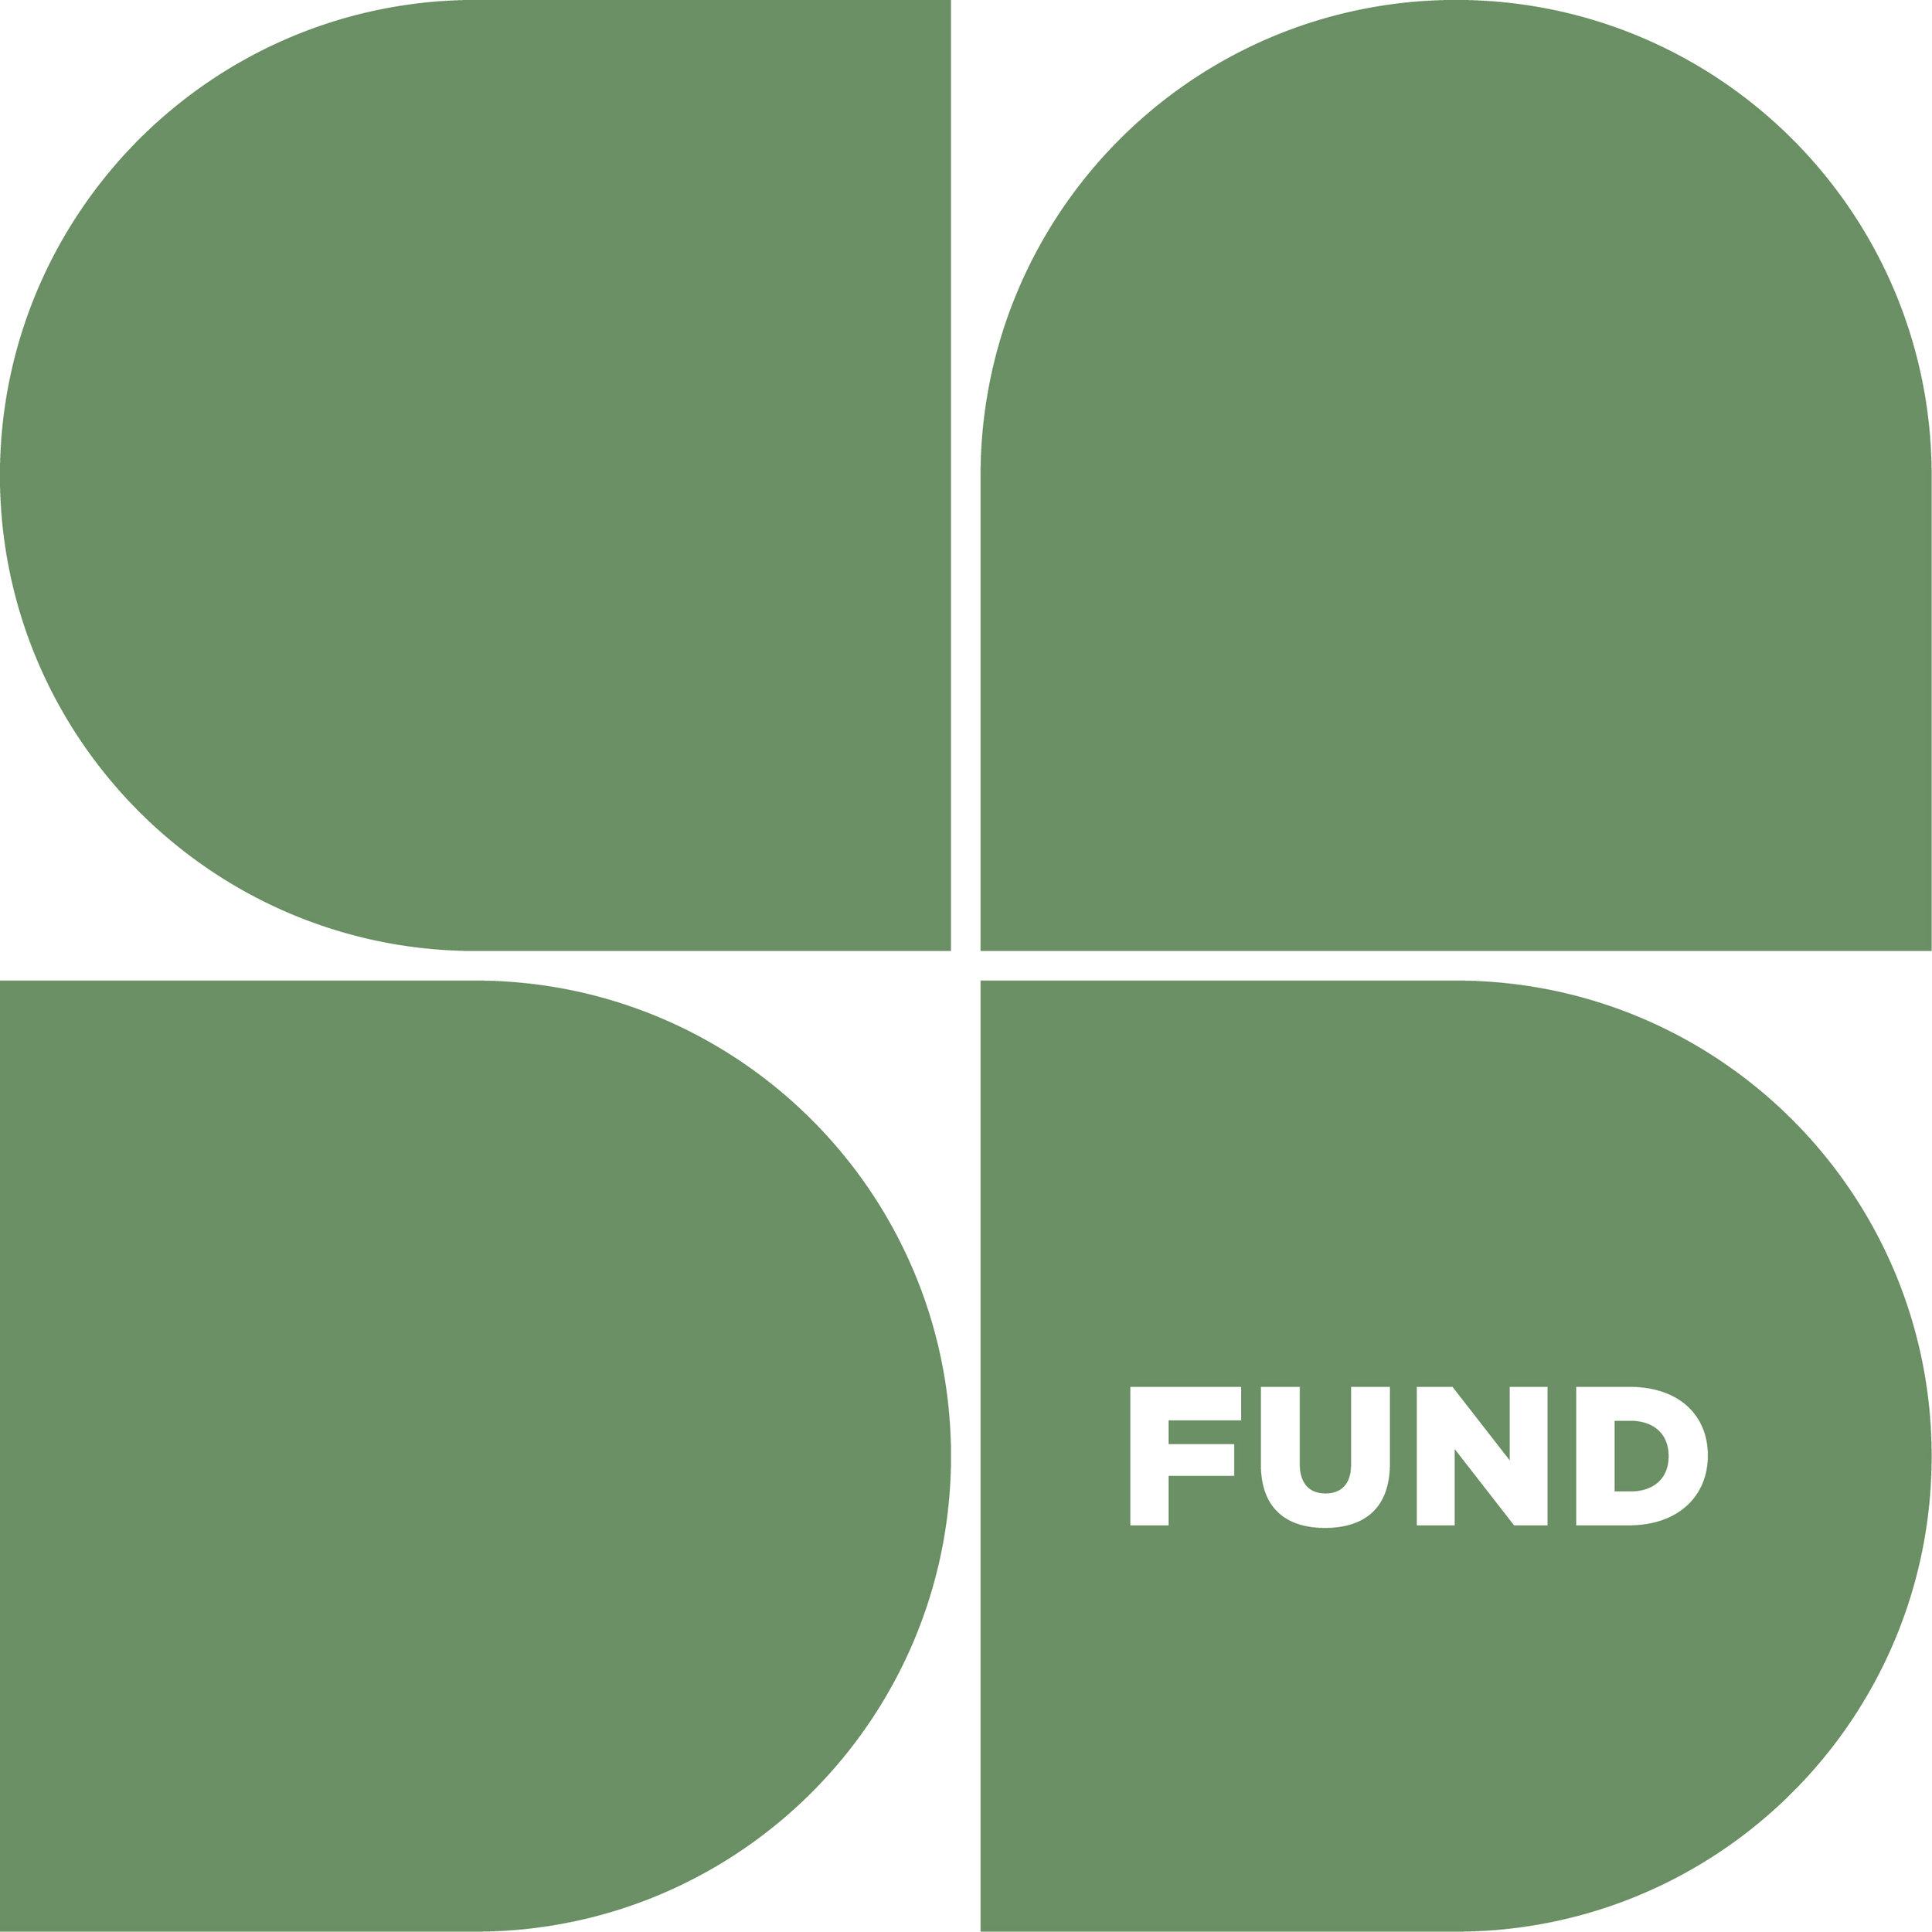 CADD_Logo_Fund_RGB.jpg